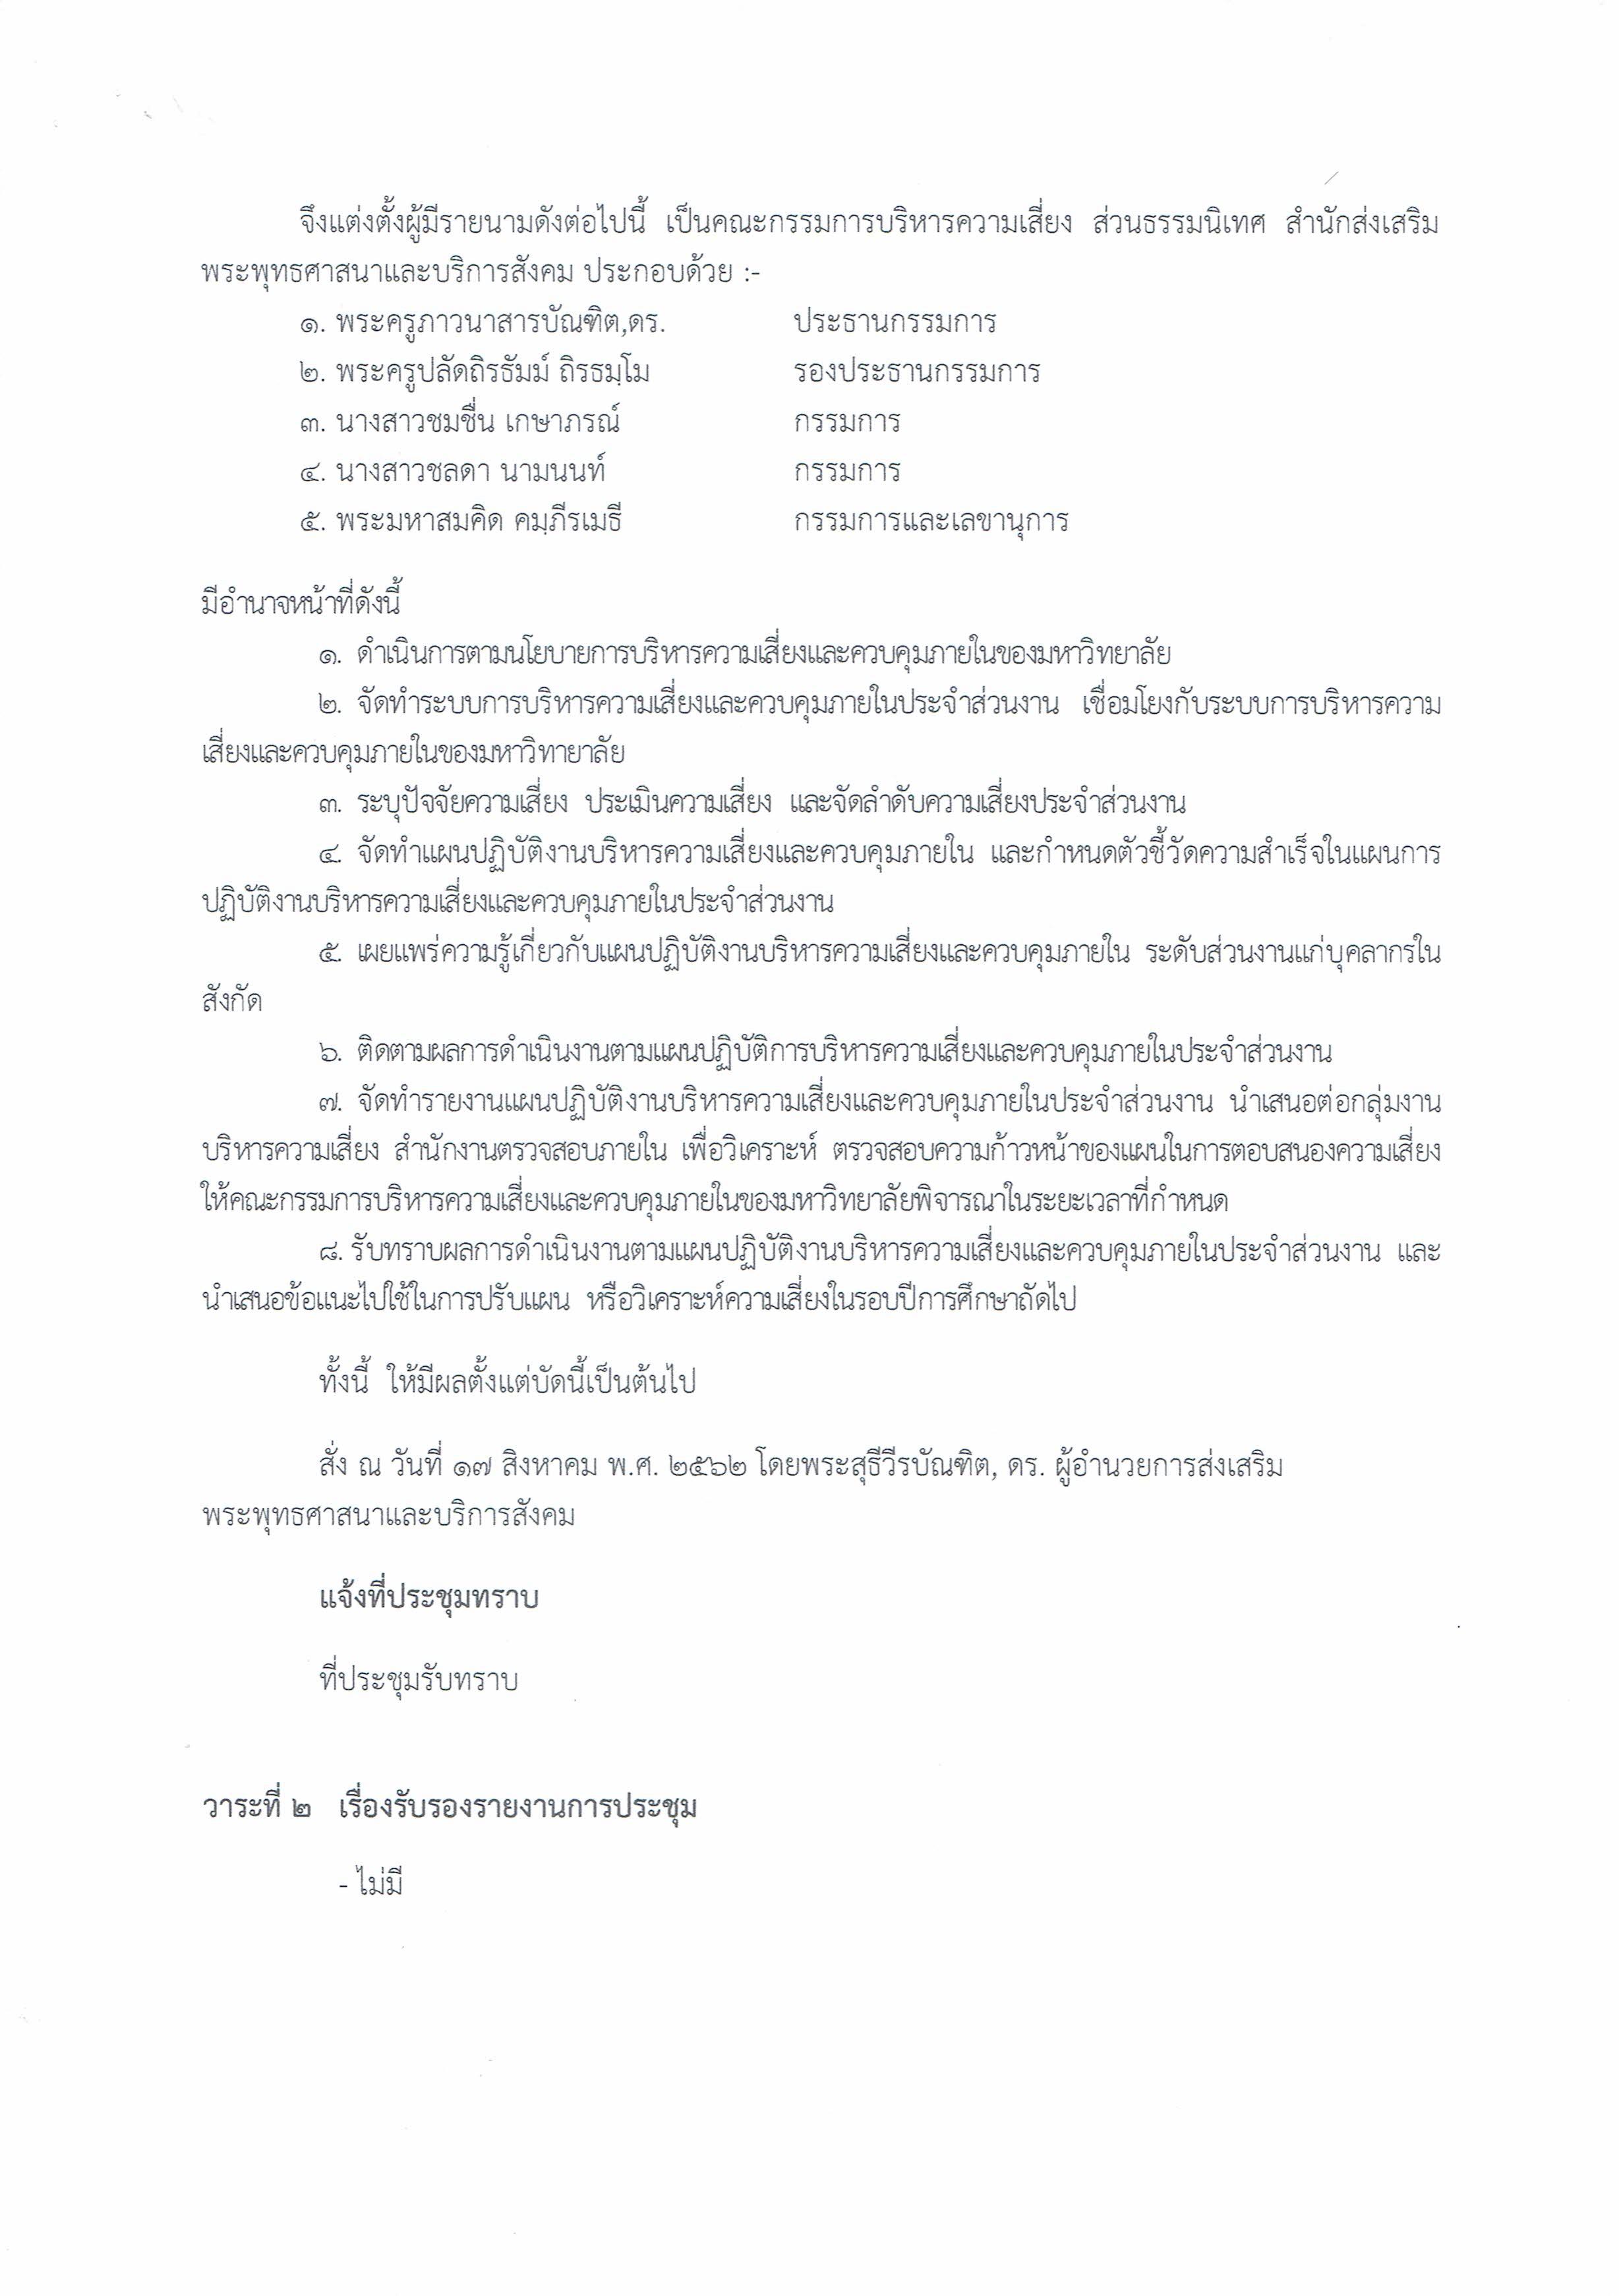 บริหารความเสี่ยงส่วนธรรมนิเทศ2562_Page_04